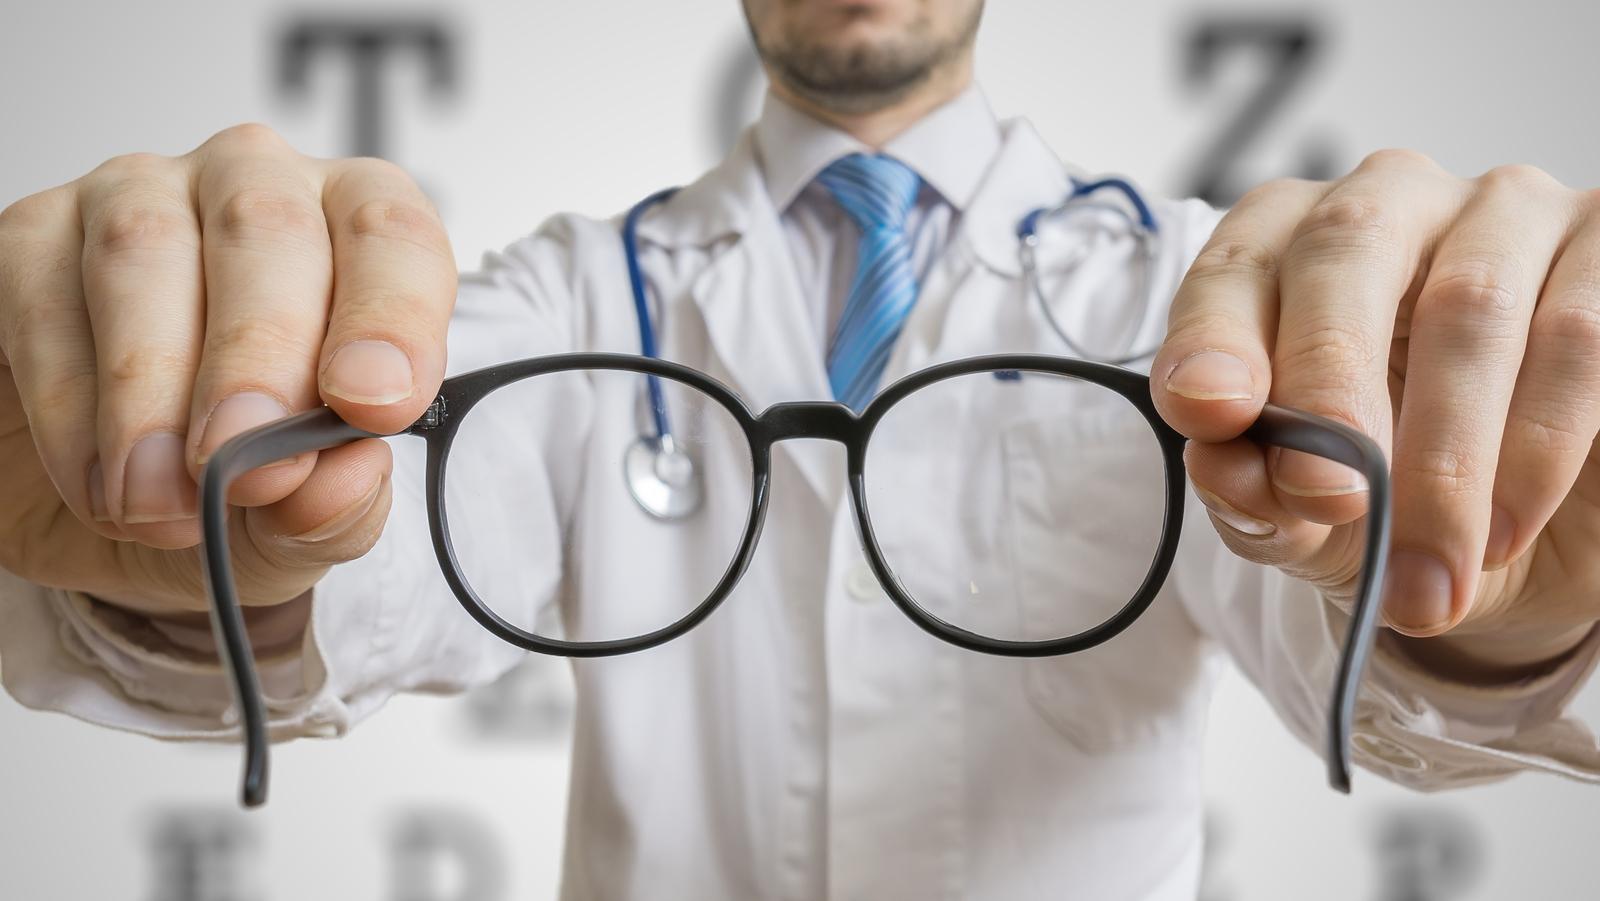 vezethet-e a rövidlátás vaksághoz tabletták és vitaminok a látás javítására